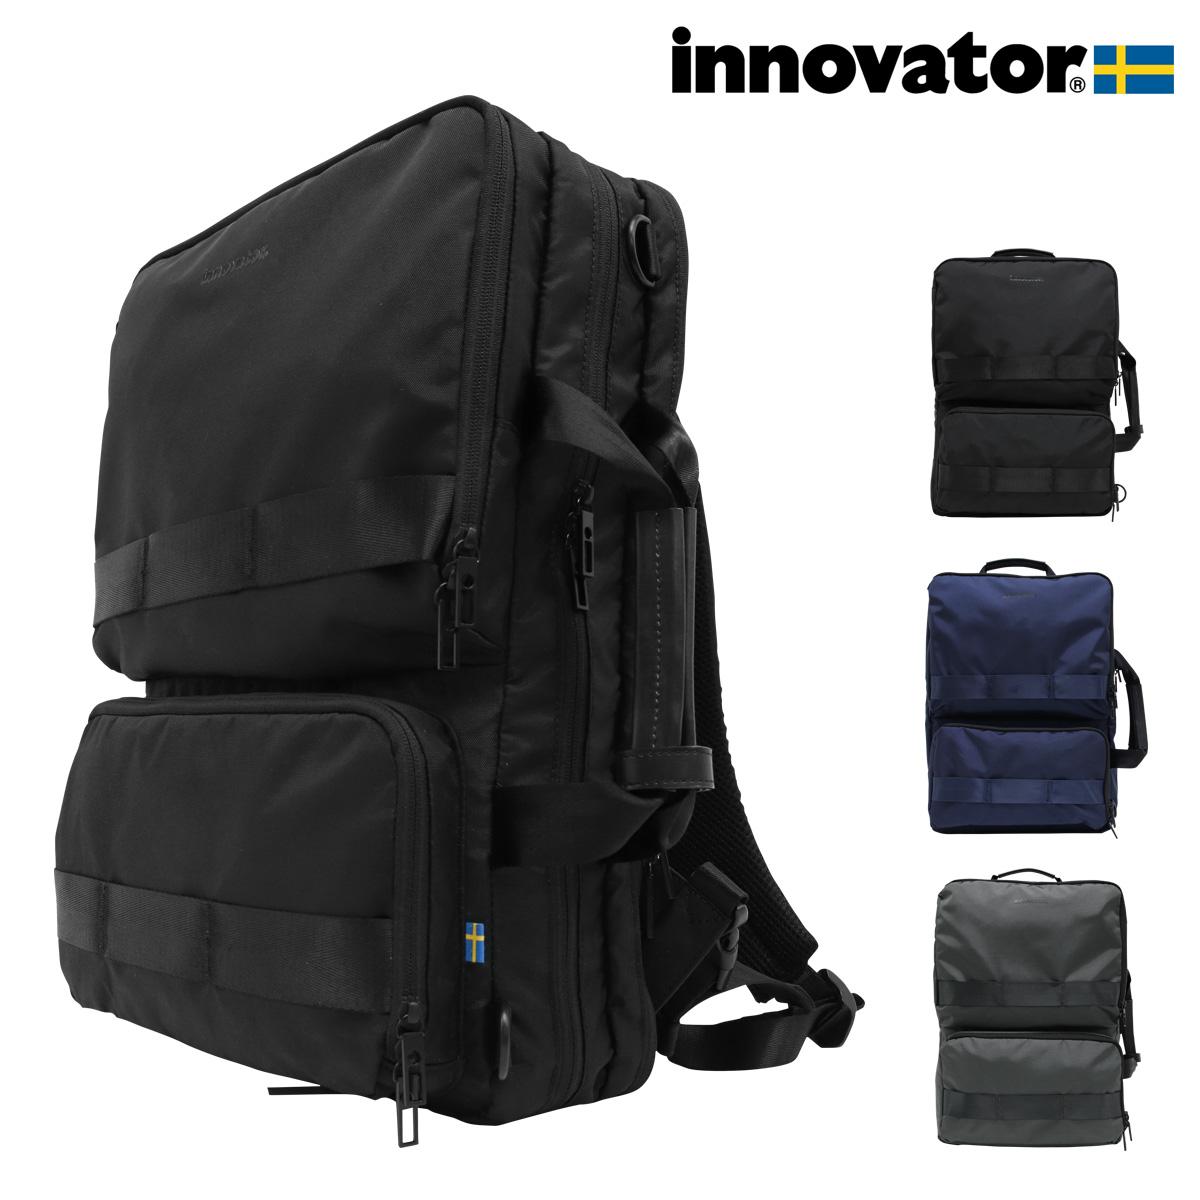 イノベーター リュック 大容量 タフ メンズ INB-002 INNOVATOR | リュックサック バックパック 3WAY スクエア 軽量 撥水 ナイロン[bef][即日発送]